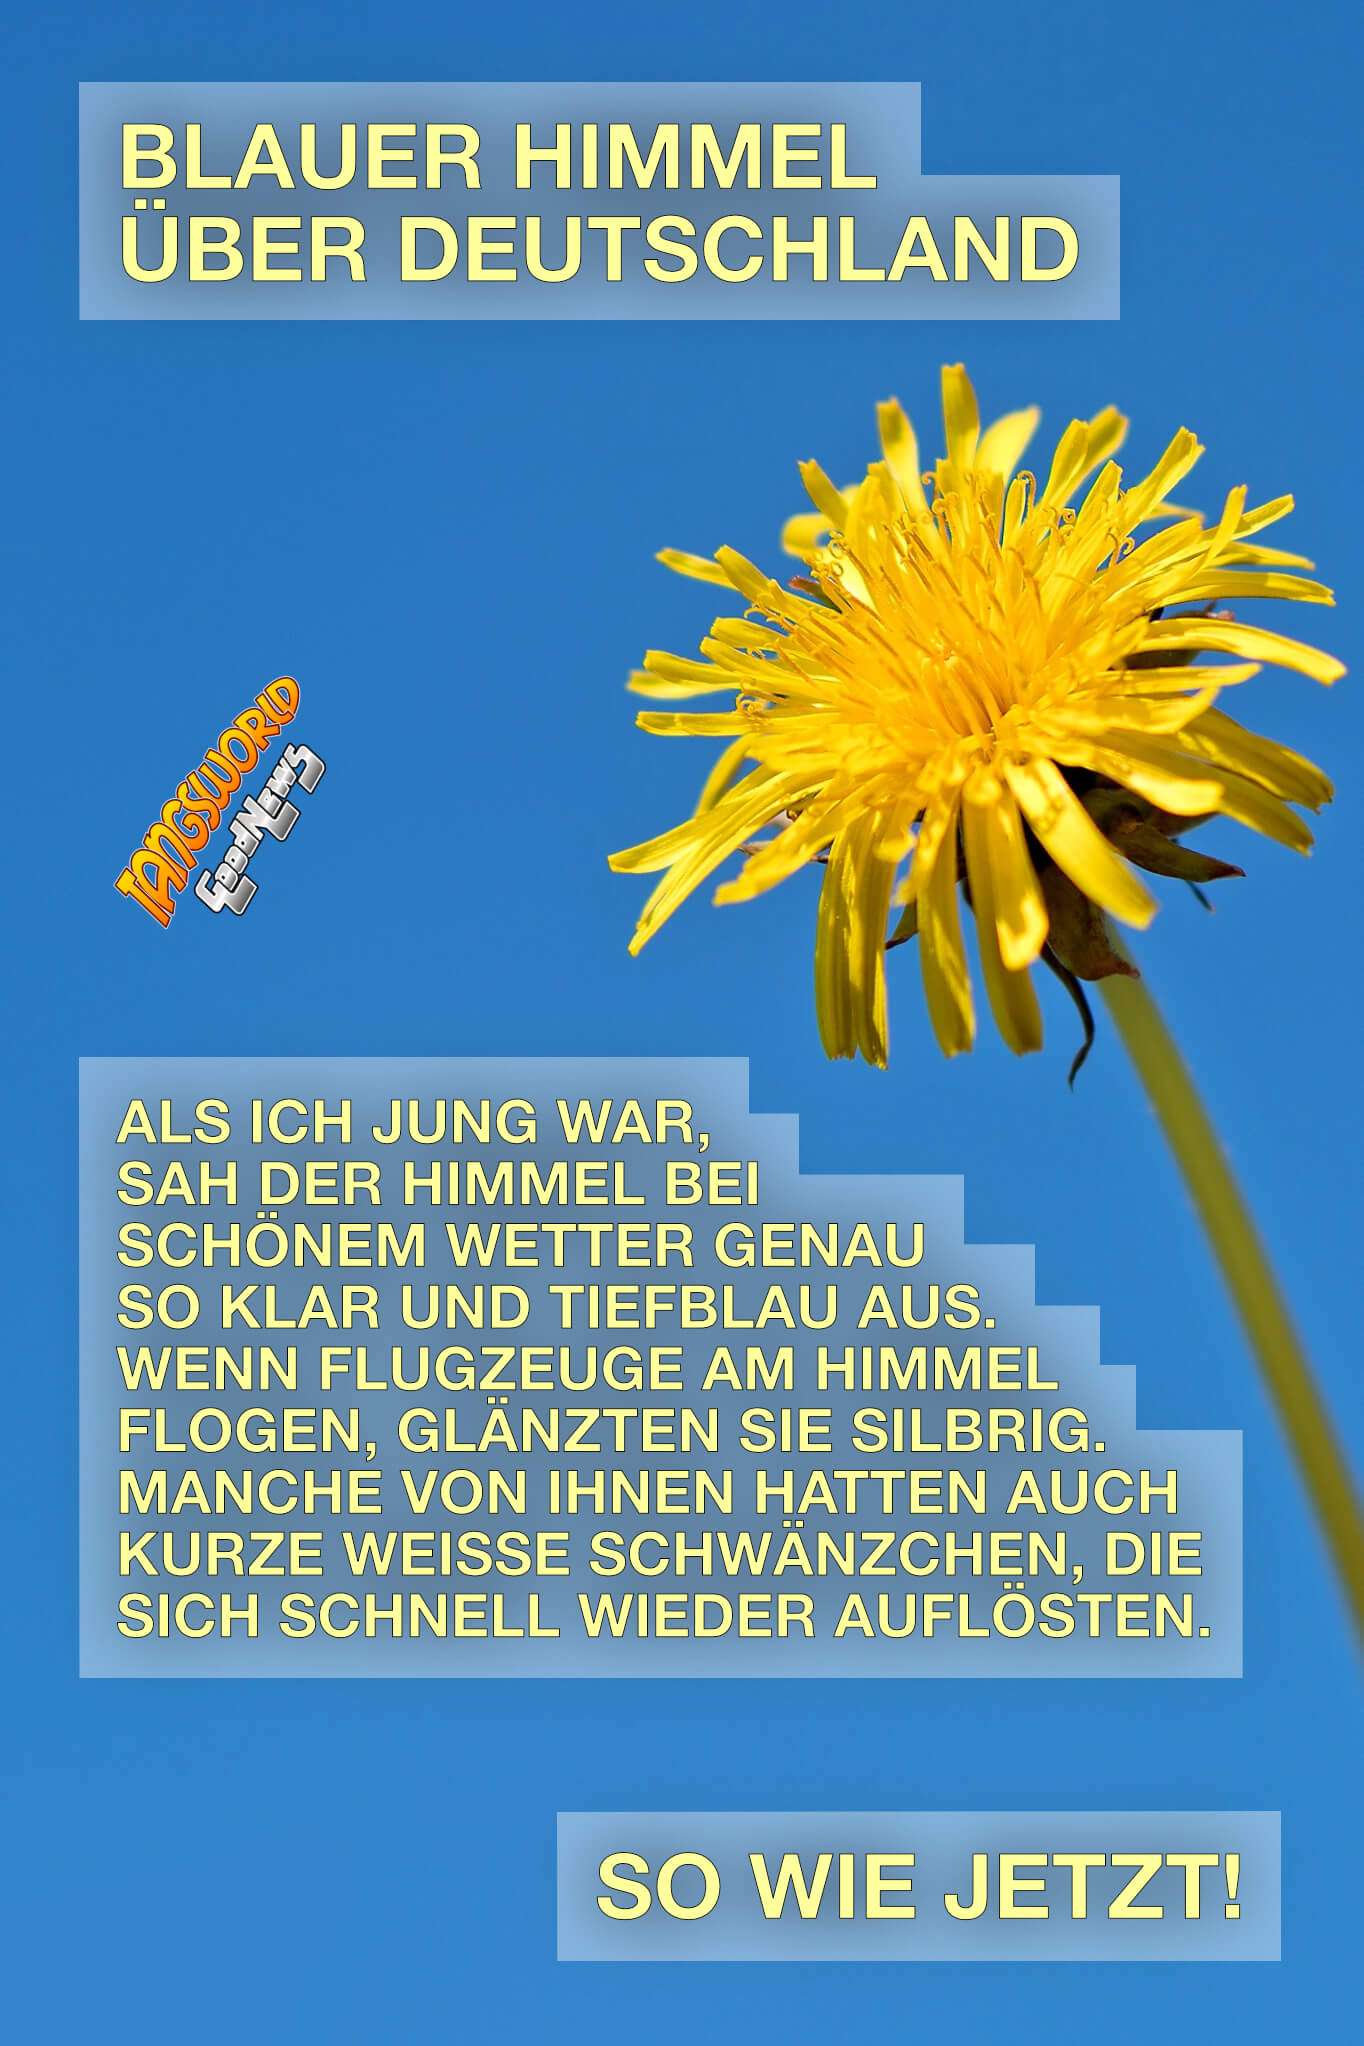 Blauer Himmel über Deutschland. Als ich jung war, sah der Himmel bei schönem Wetter genau so klar und tiefblau aus. Wenn Flugzeuge am Himmel flogen, glänzten sie silbrig. Manche von ihnen hatten auch kurze weiße Schwänzchen, die sich schnell wieder auflösten. Genau wie jetzt! - GoodNews